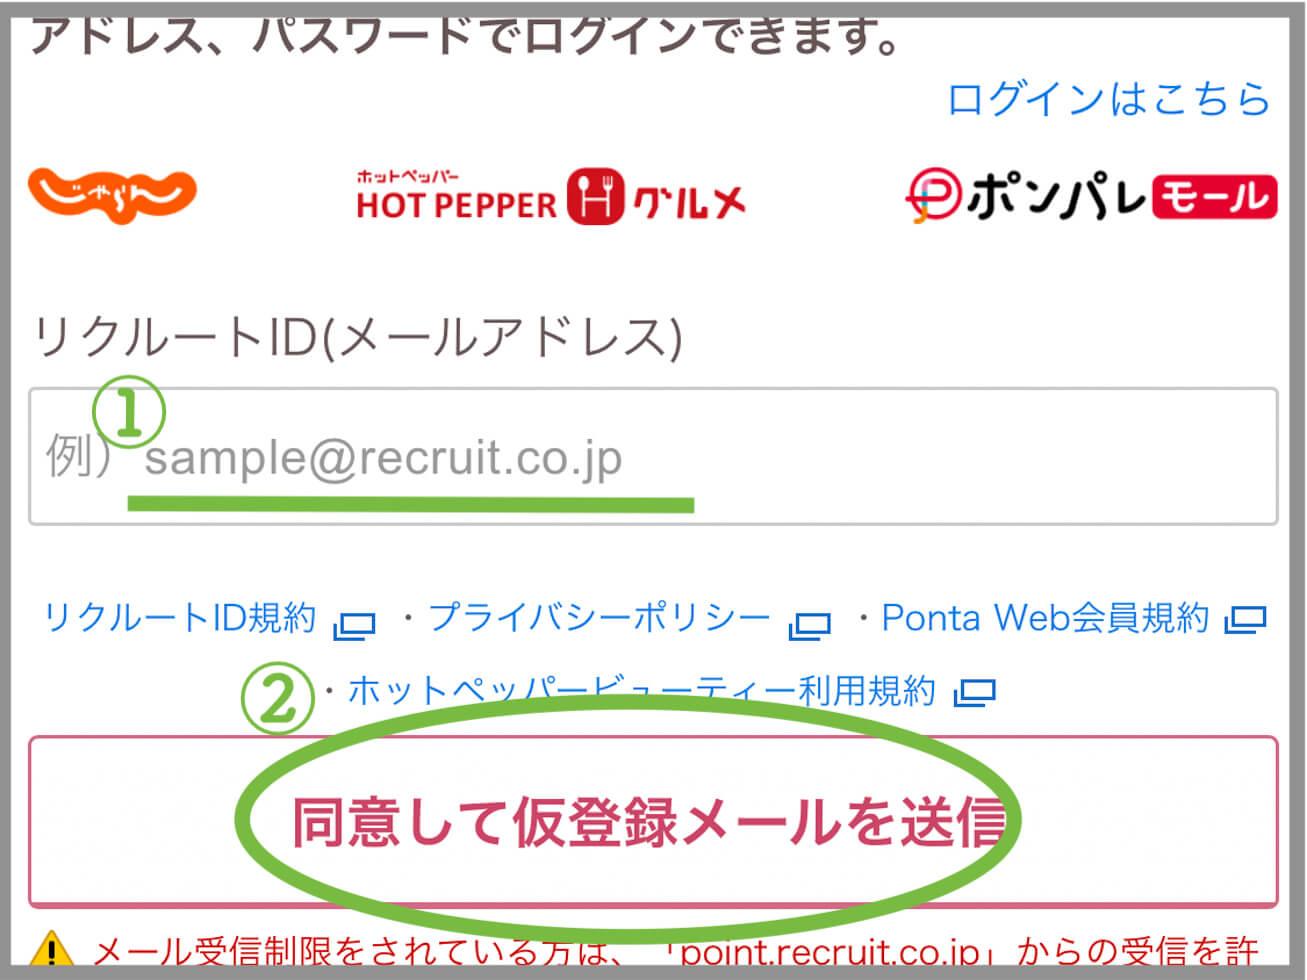 ホットペッパービューティーの検索画面の写真